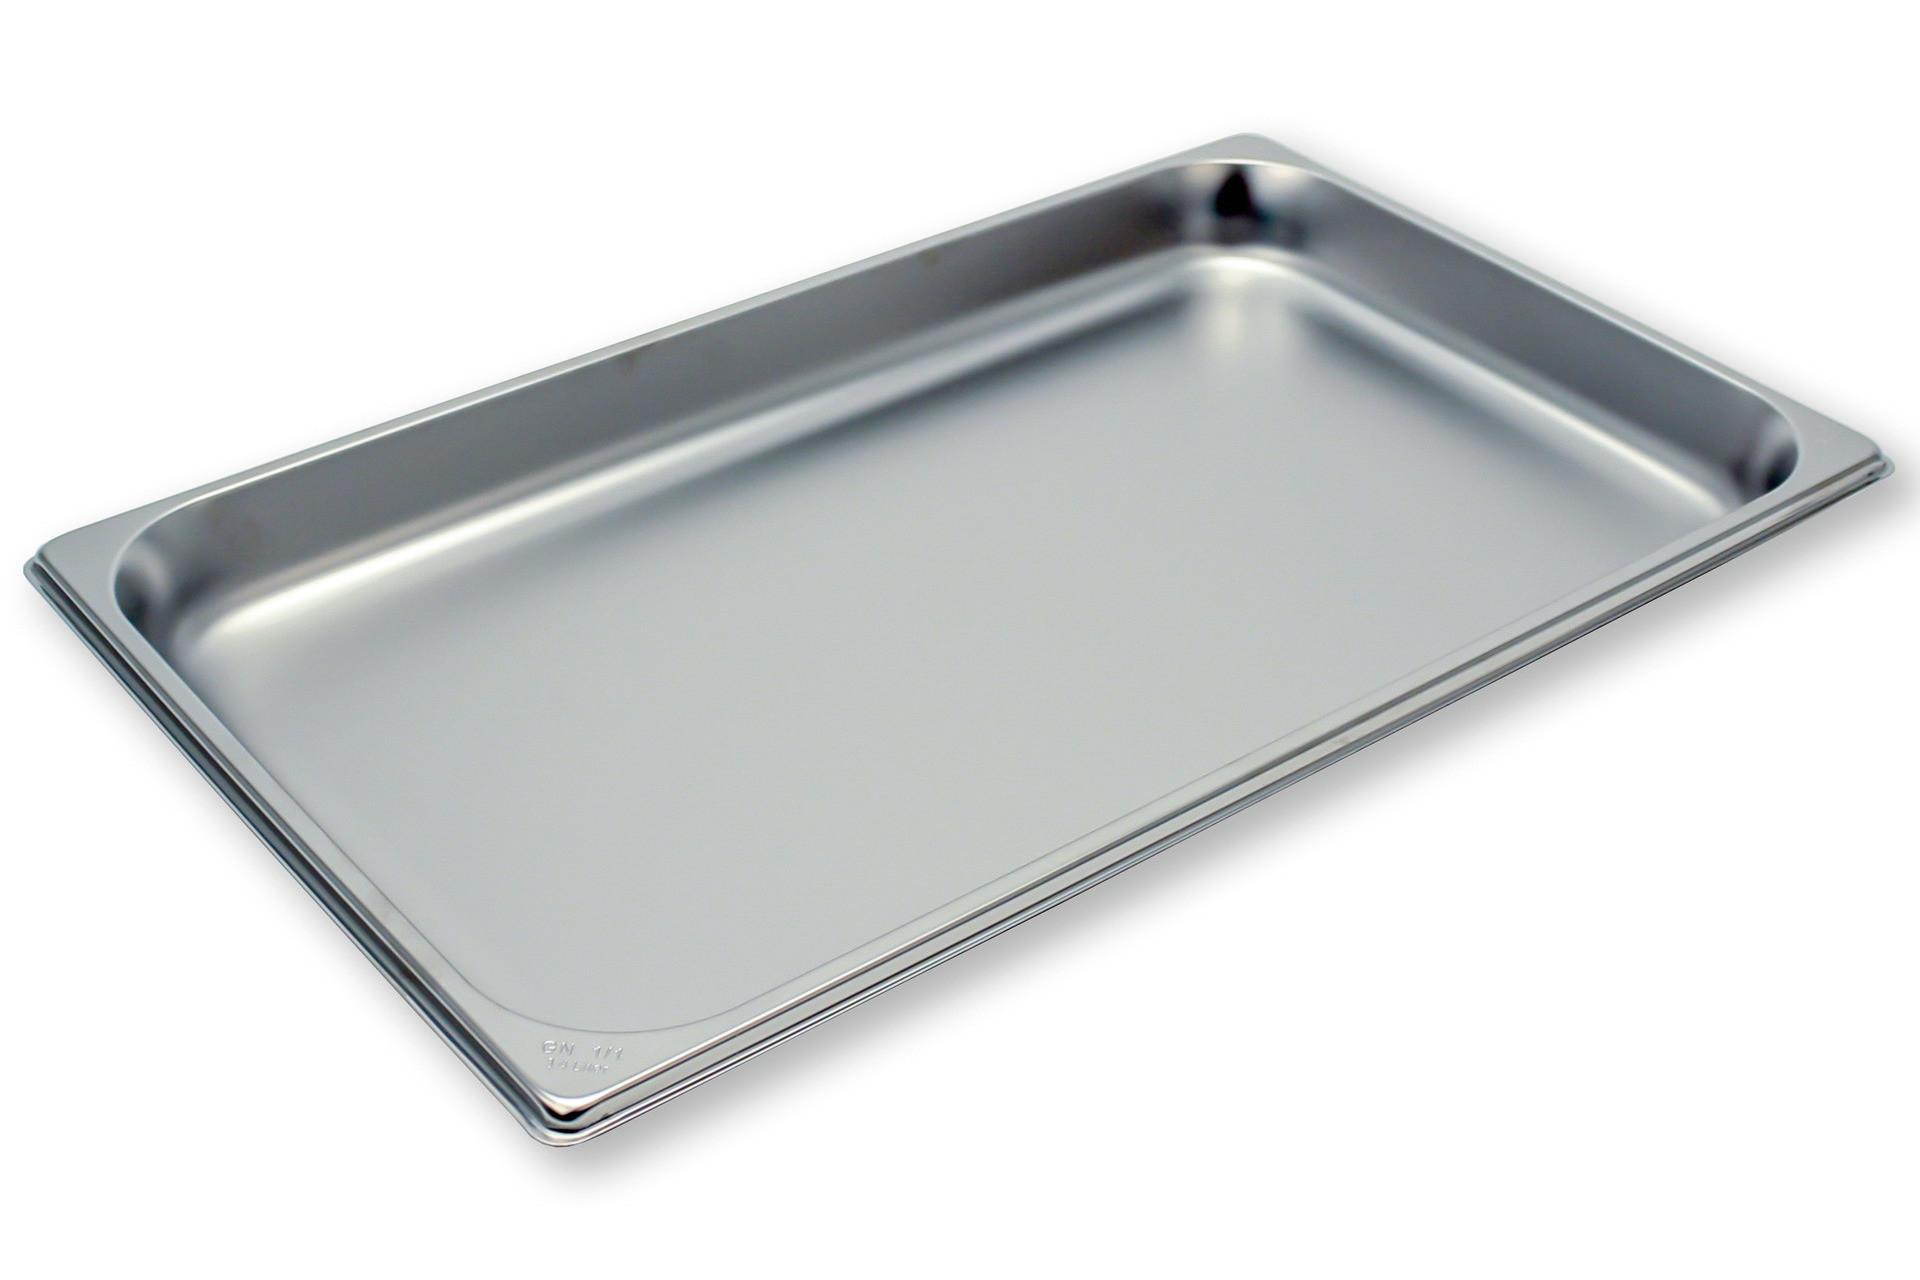 GN-Behälter, GN 1/1, 530 x 325 x 40 mm, Edelstahl